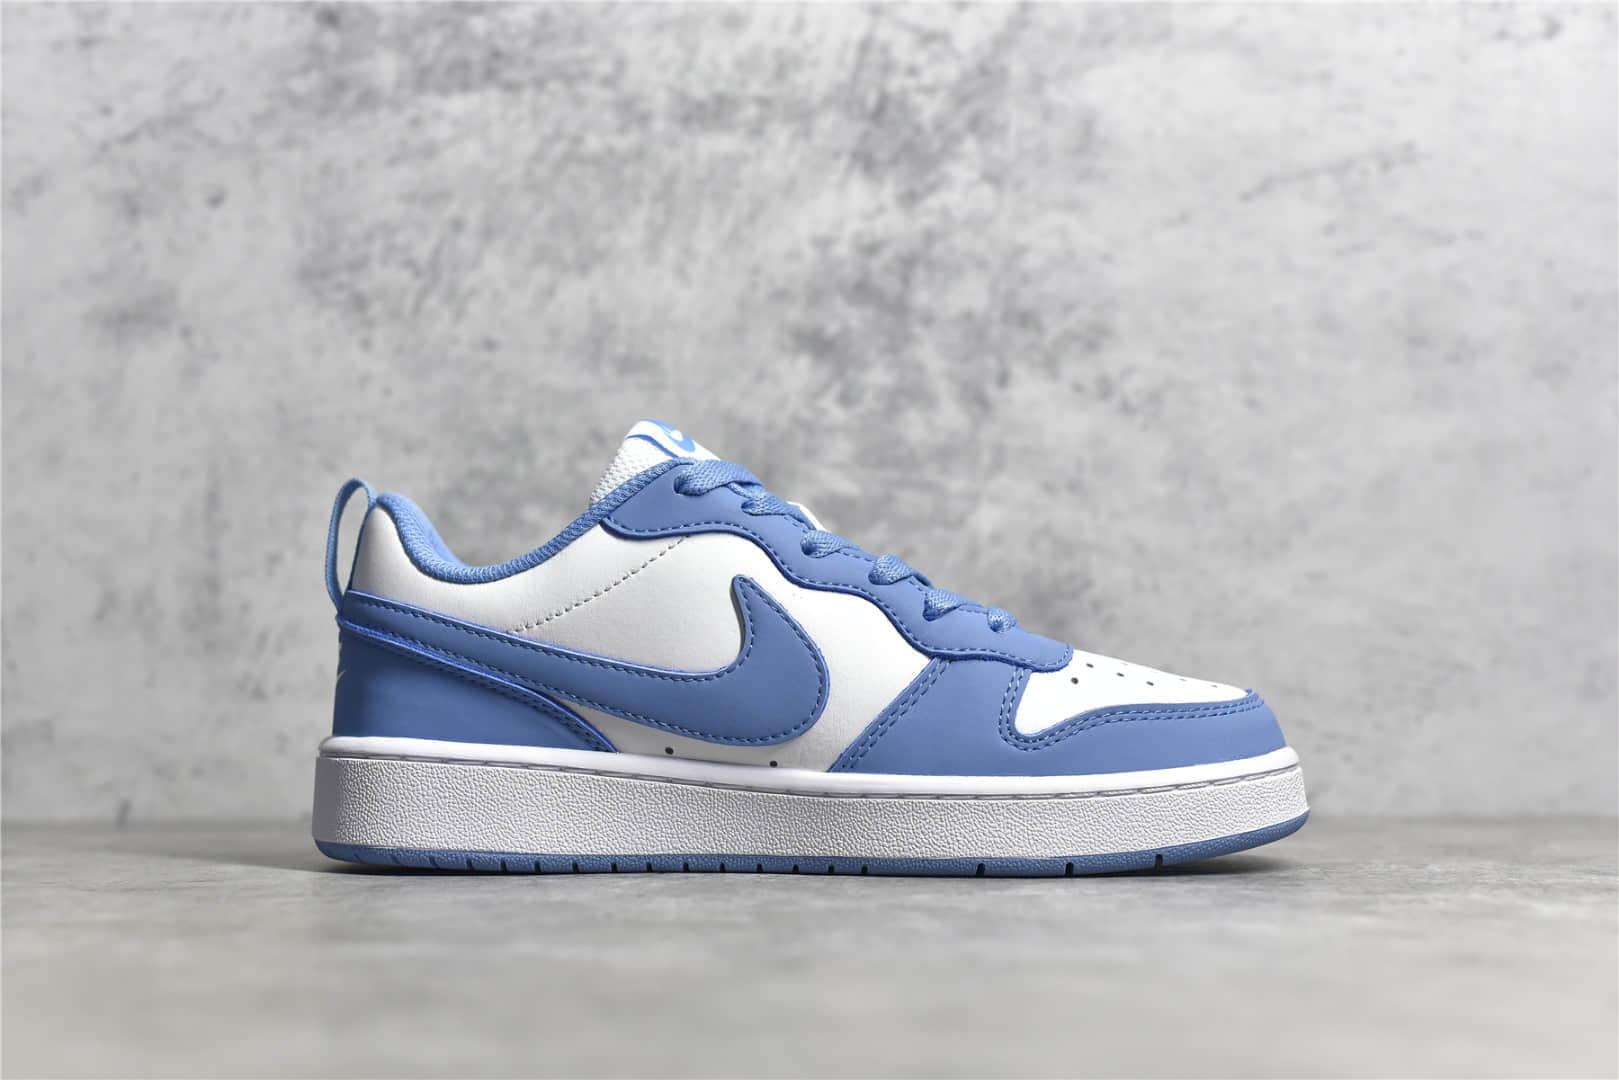 耐克Court白蓝低帮板鞋 Nike Court Borough Low 2 耐克类似AJ1的板鞋白蓝低帮 货号:CW1624 100-潮流者之家